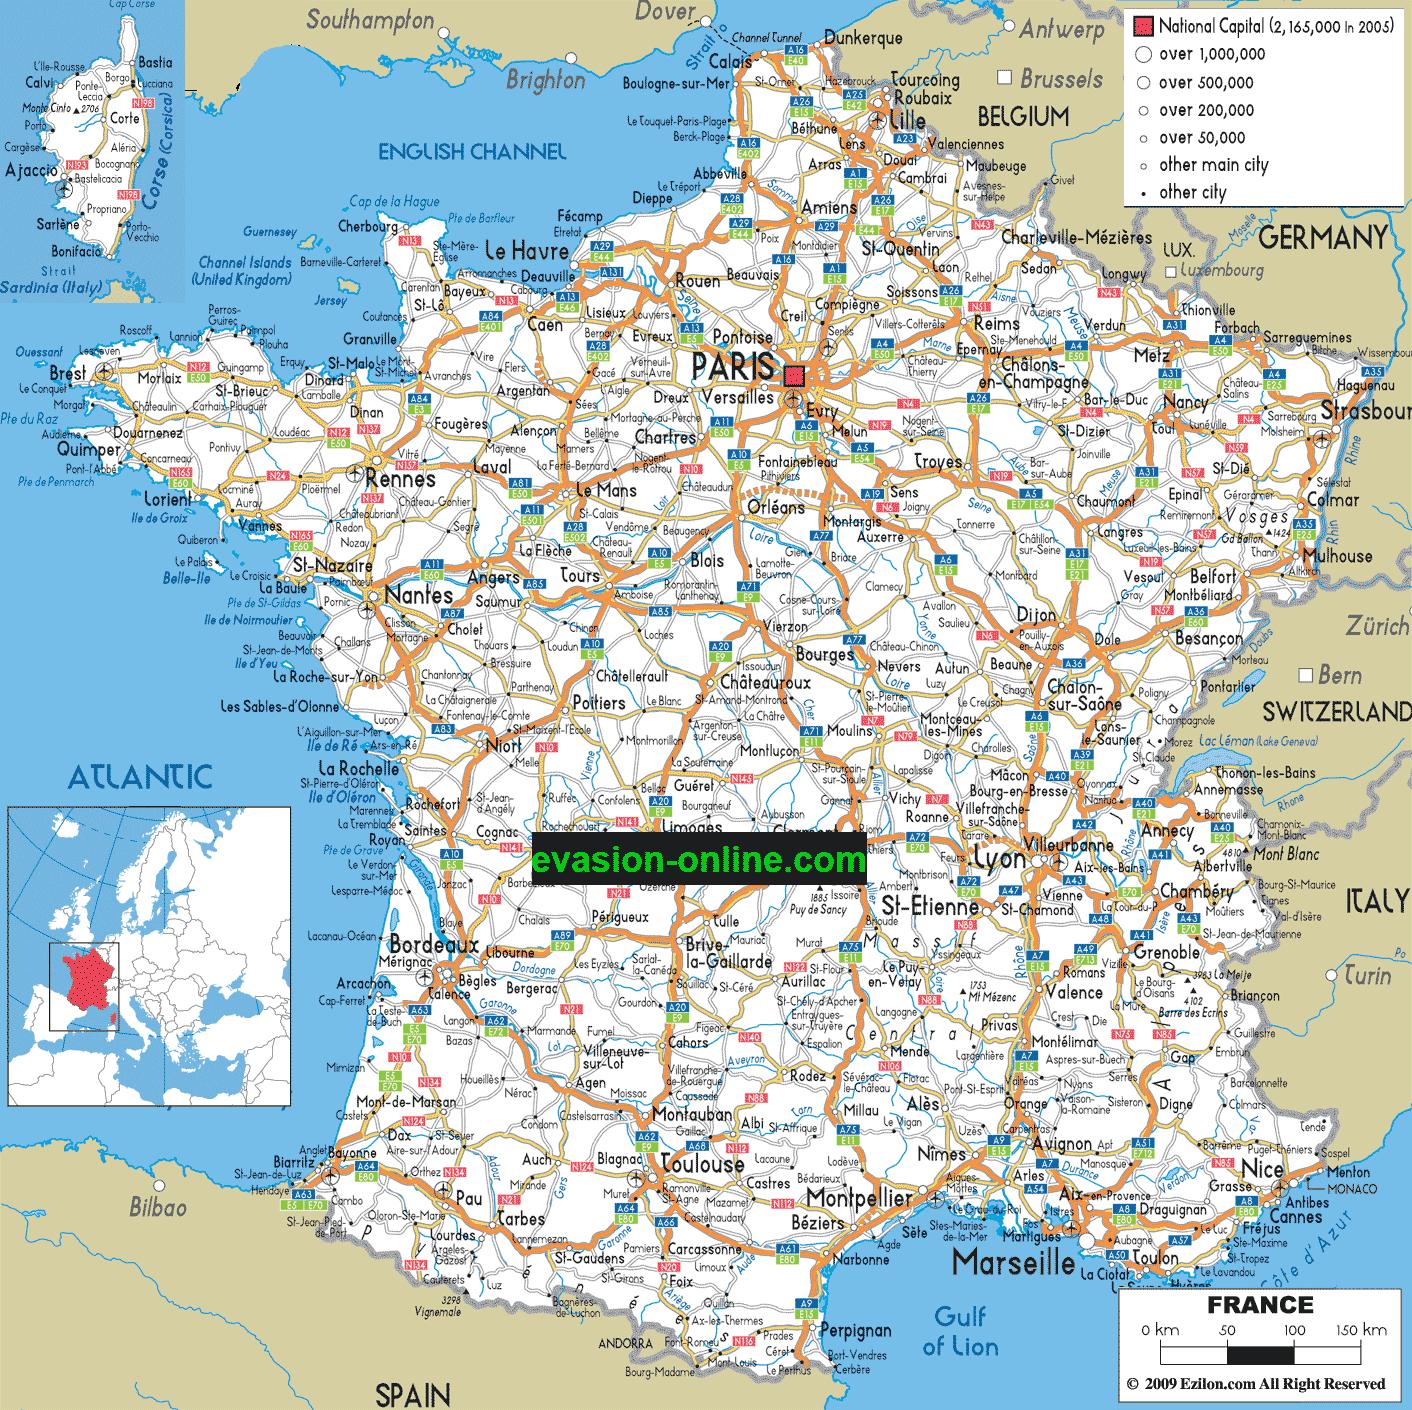 Carte De France Détaillée » Vacances - Arts- Guides Voyages destiné Carte De France Détaillée Avec Les Villes